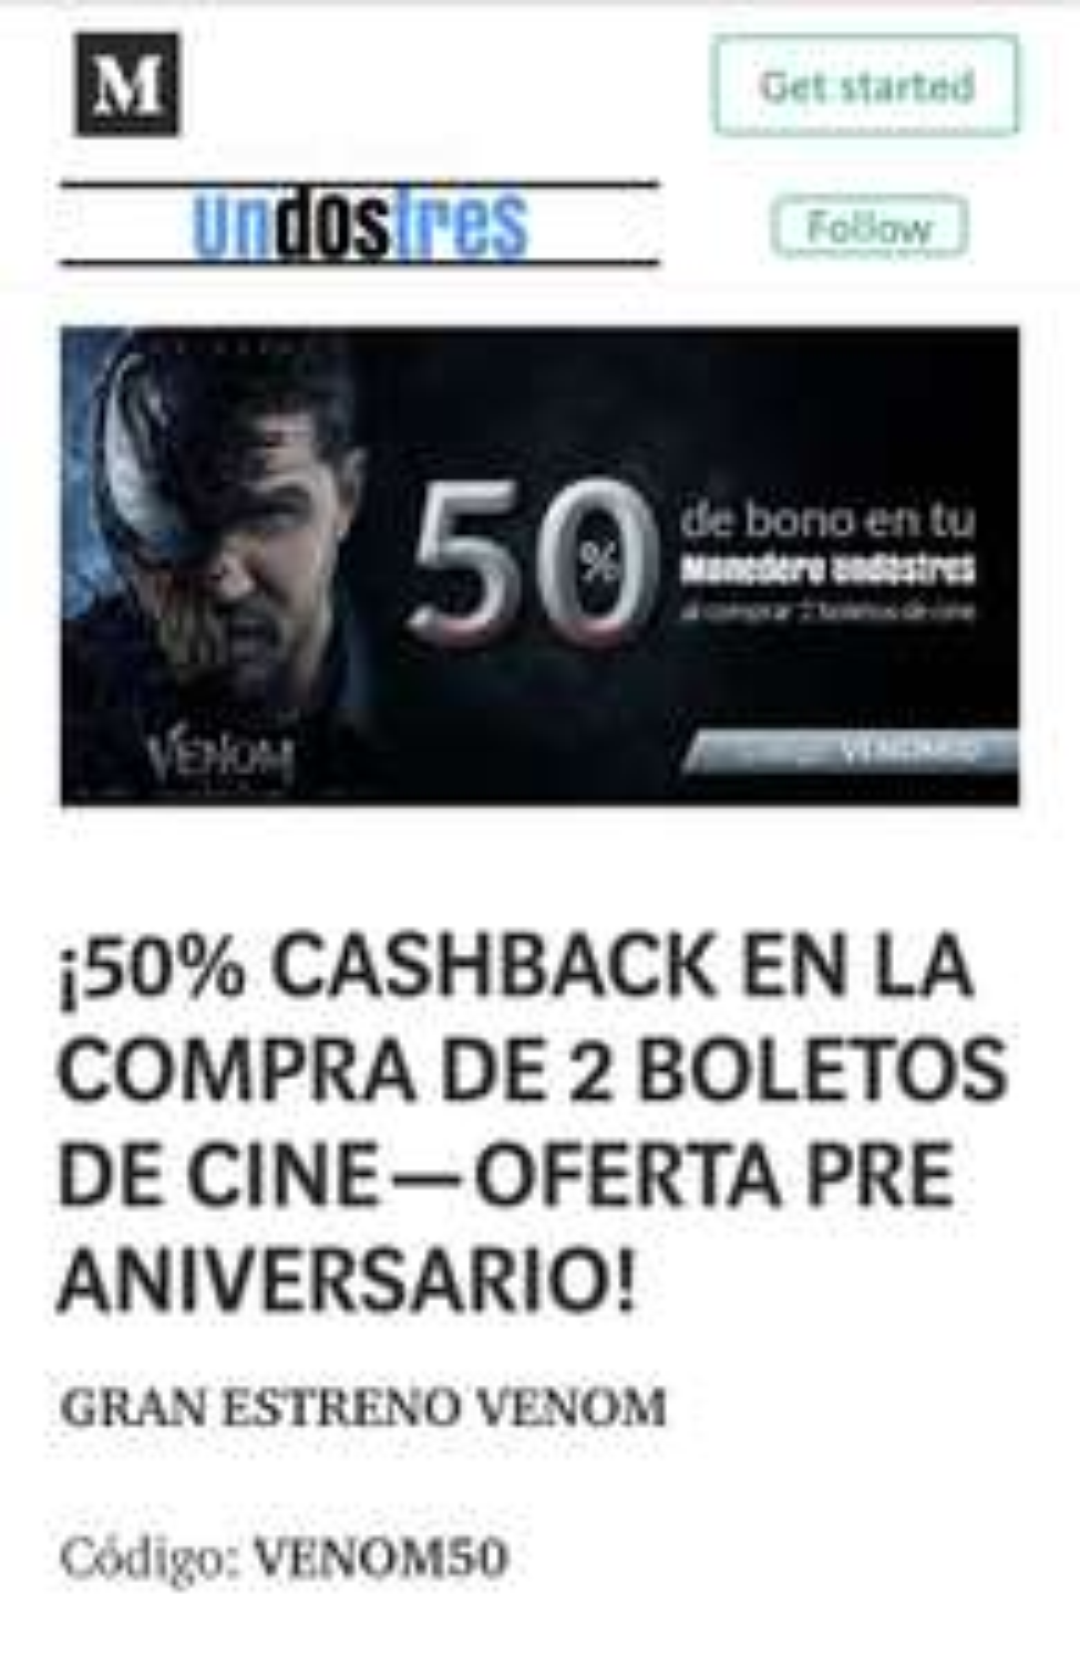 Unodostres: 50% cashback en boletos de cine.